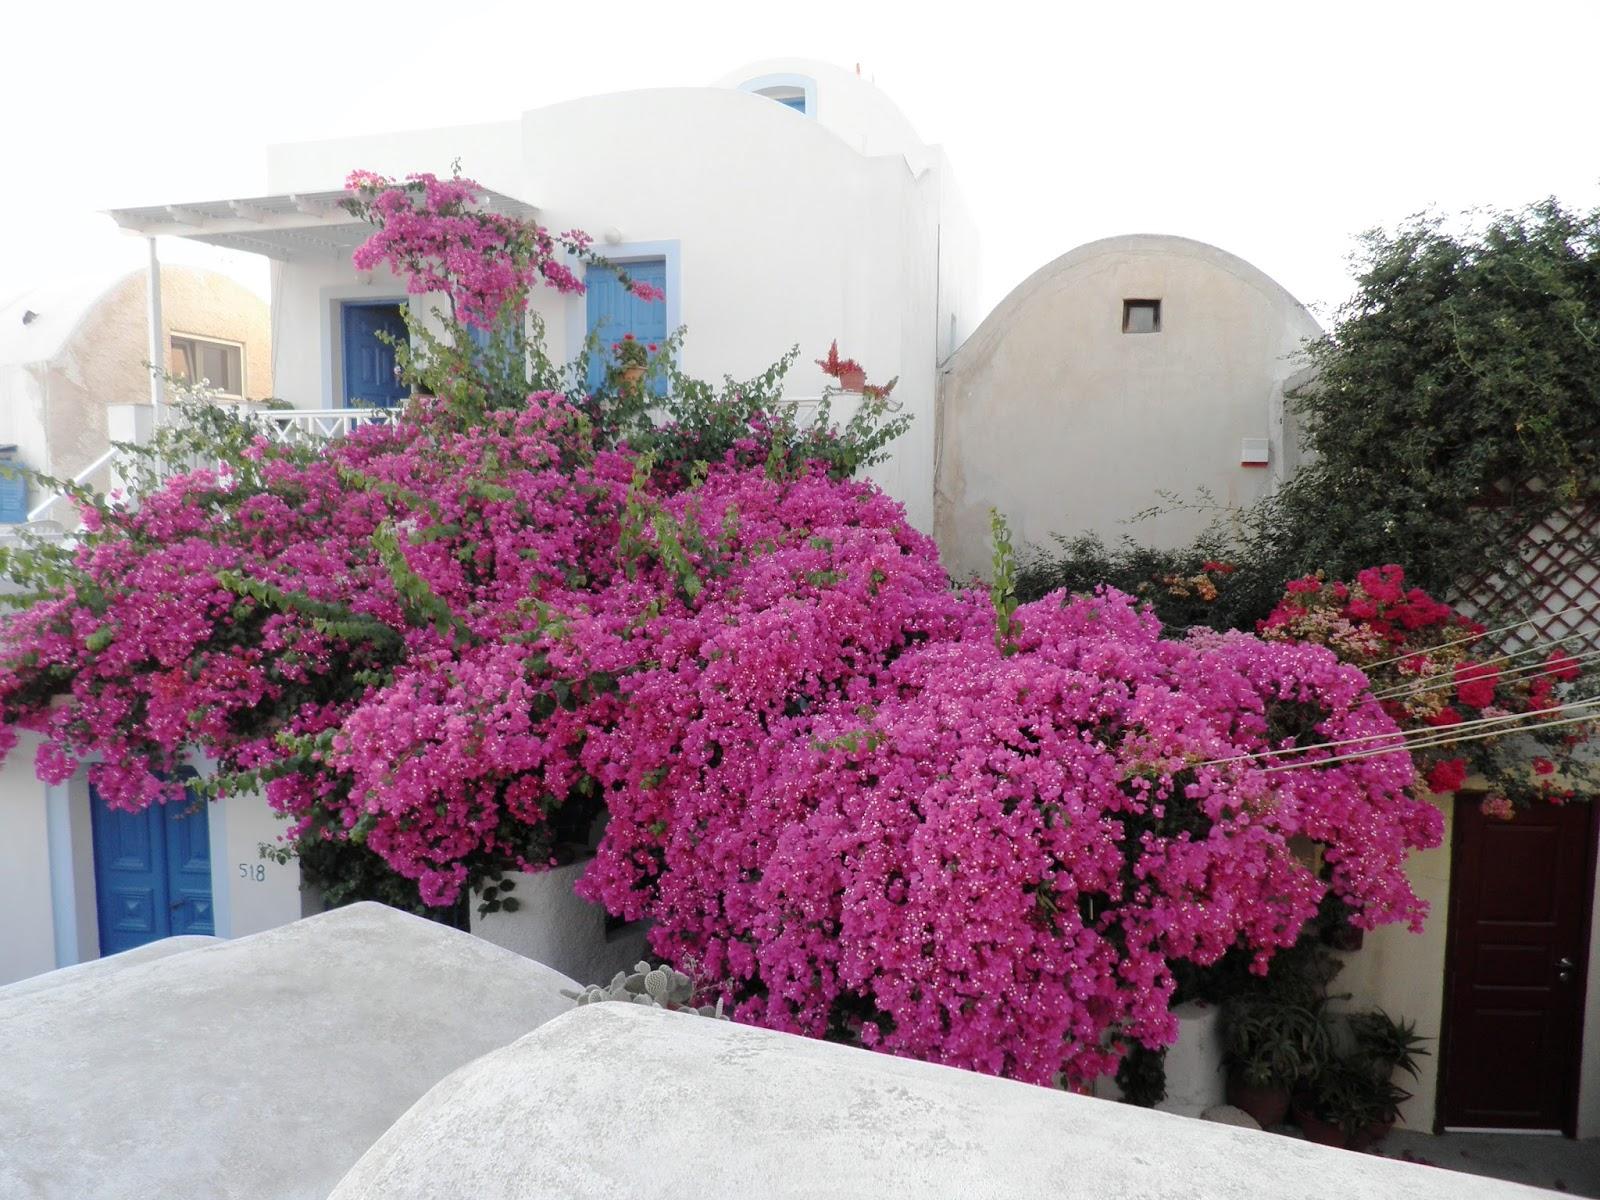 Bonsai de javier neila un bons i de buganvilla - Fotos de buganvillas ...